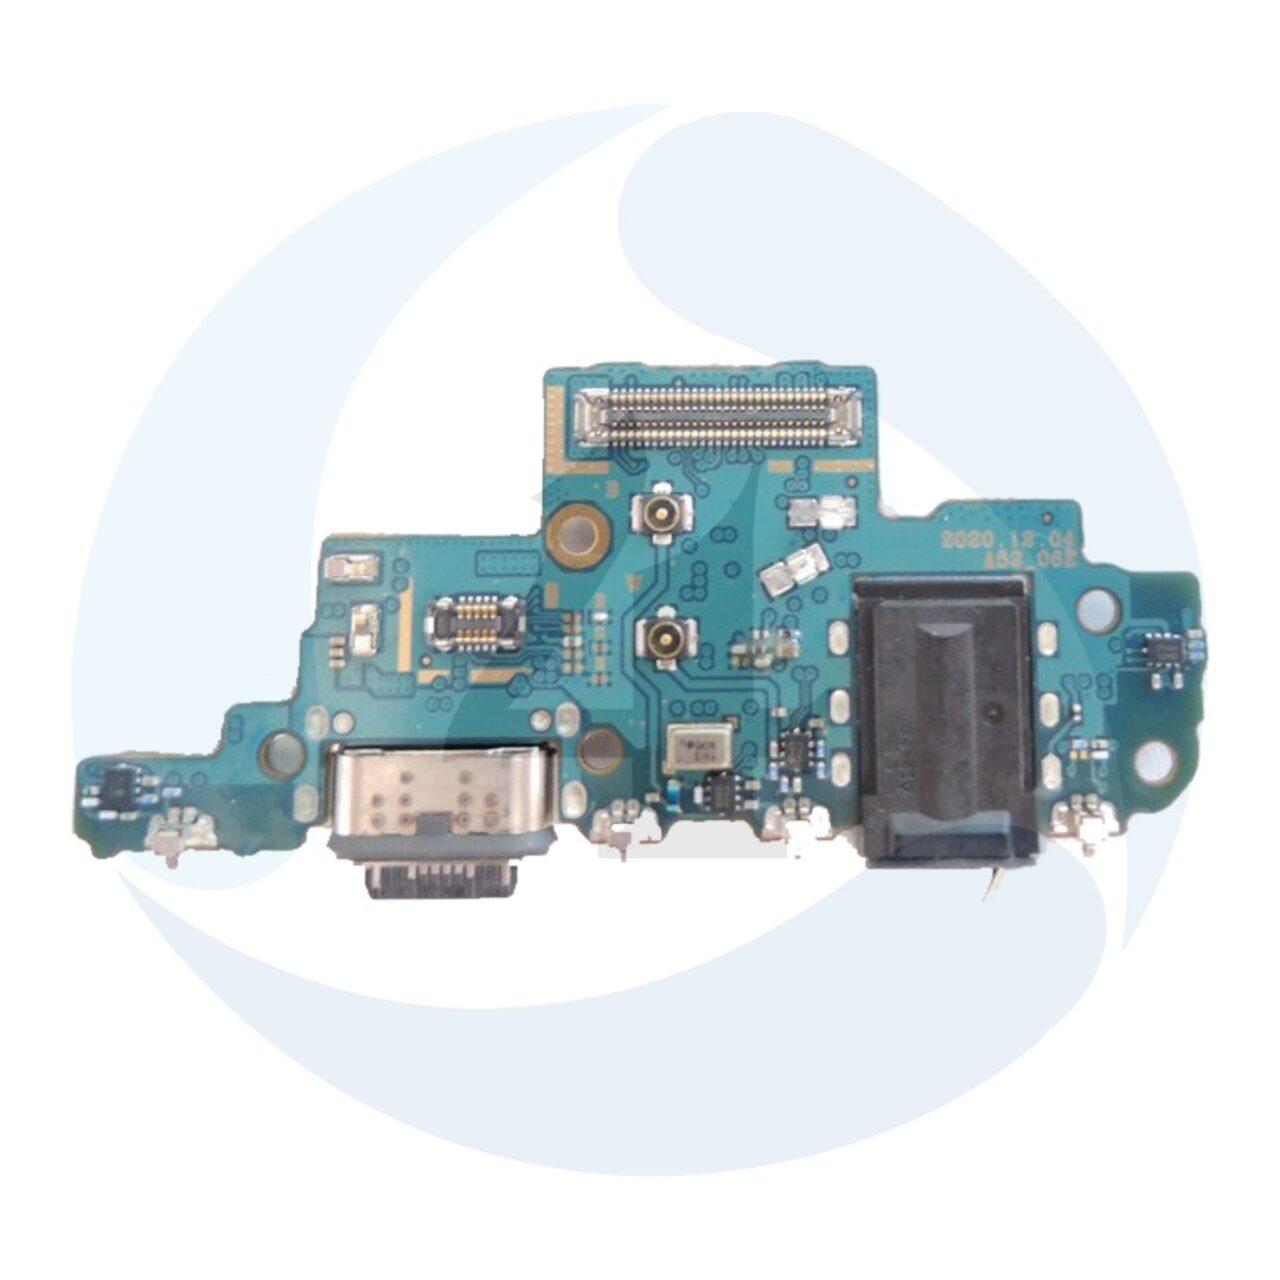 Samsung galaxy A52 charging port